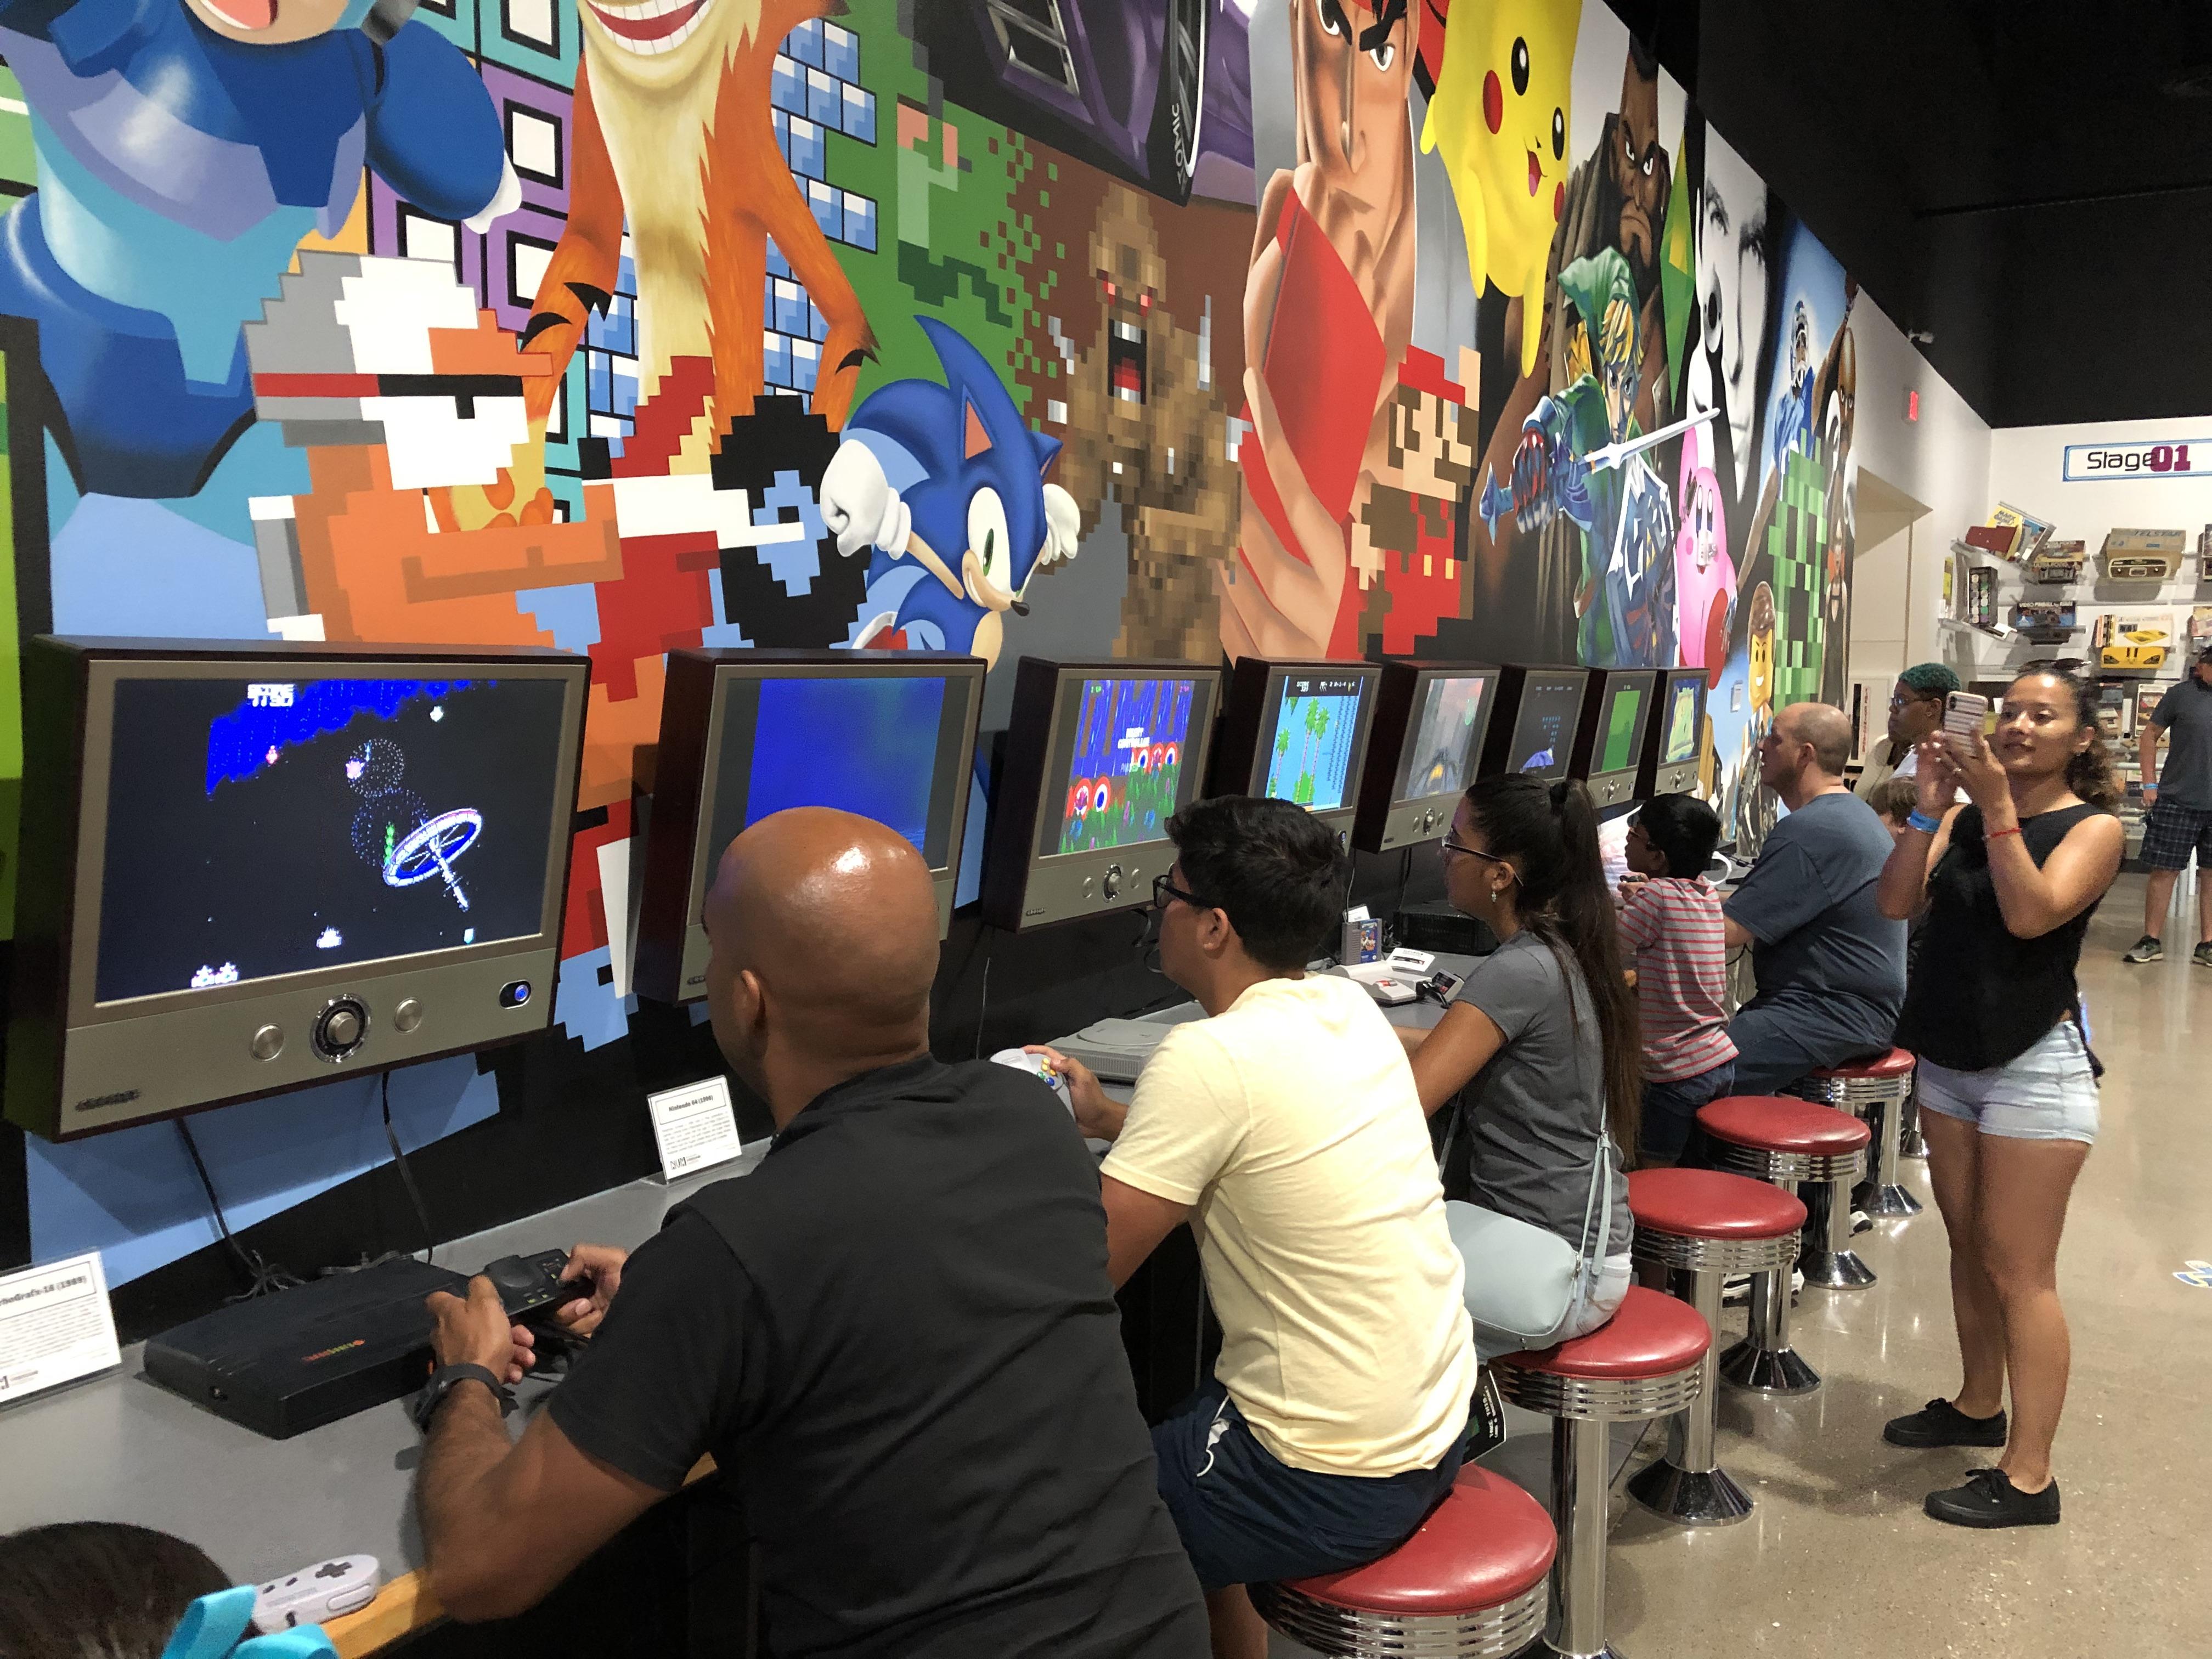 ナショナルビデオゲームミュージアムでゲーム三昧【フリスコ】